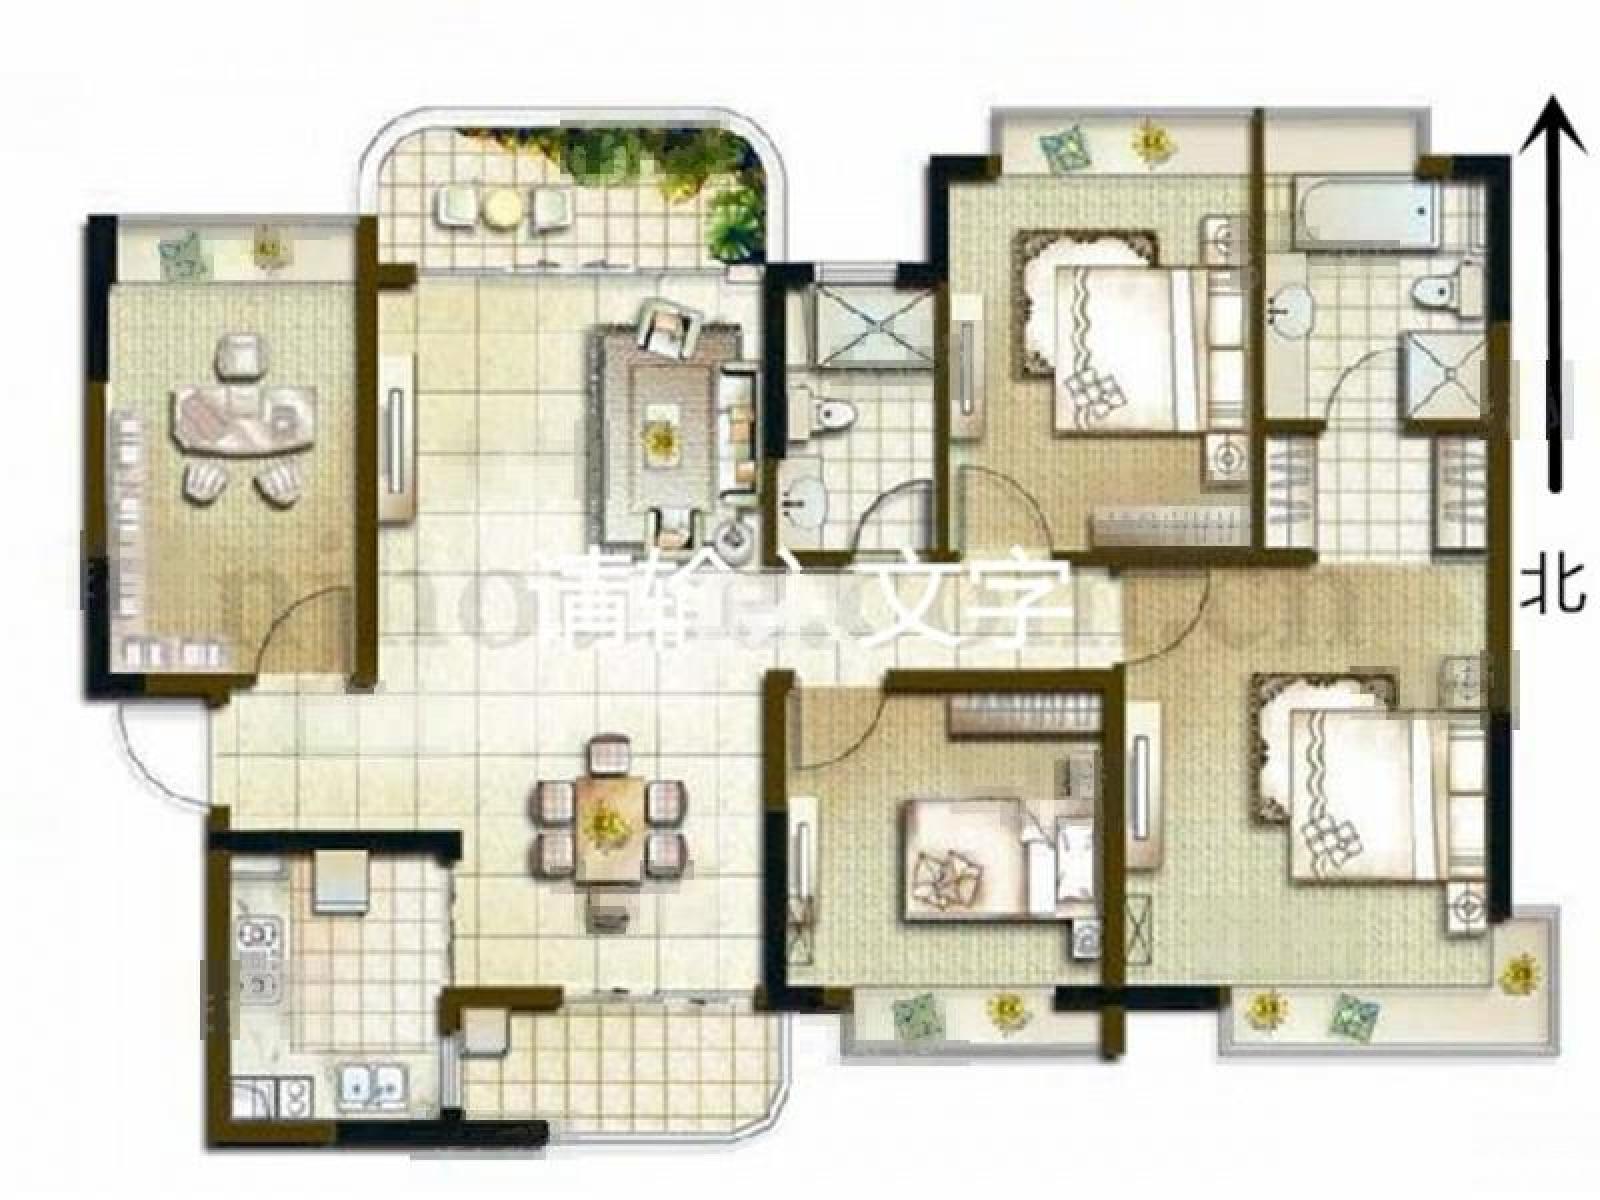 户型介绍 此房为南向四室二厅二卫,140平米,精装,精装,户型方正,带